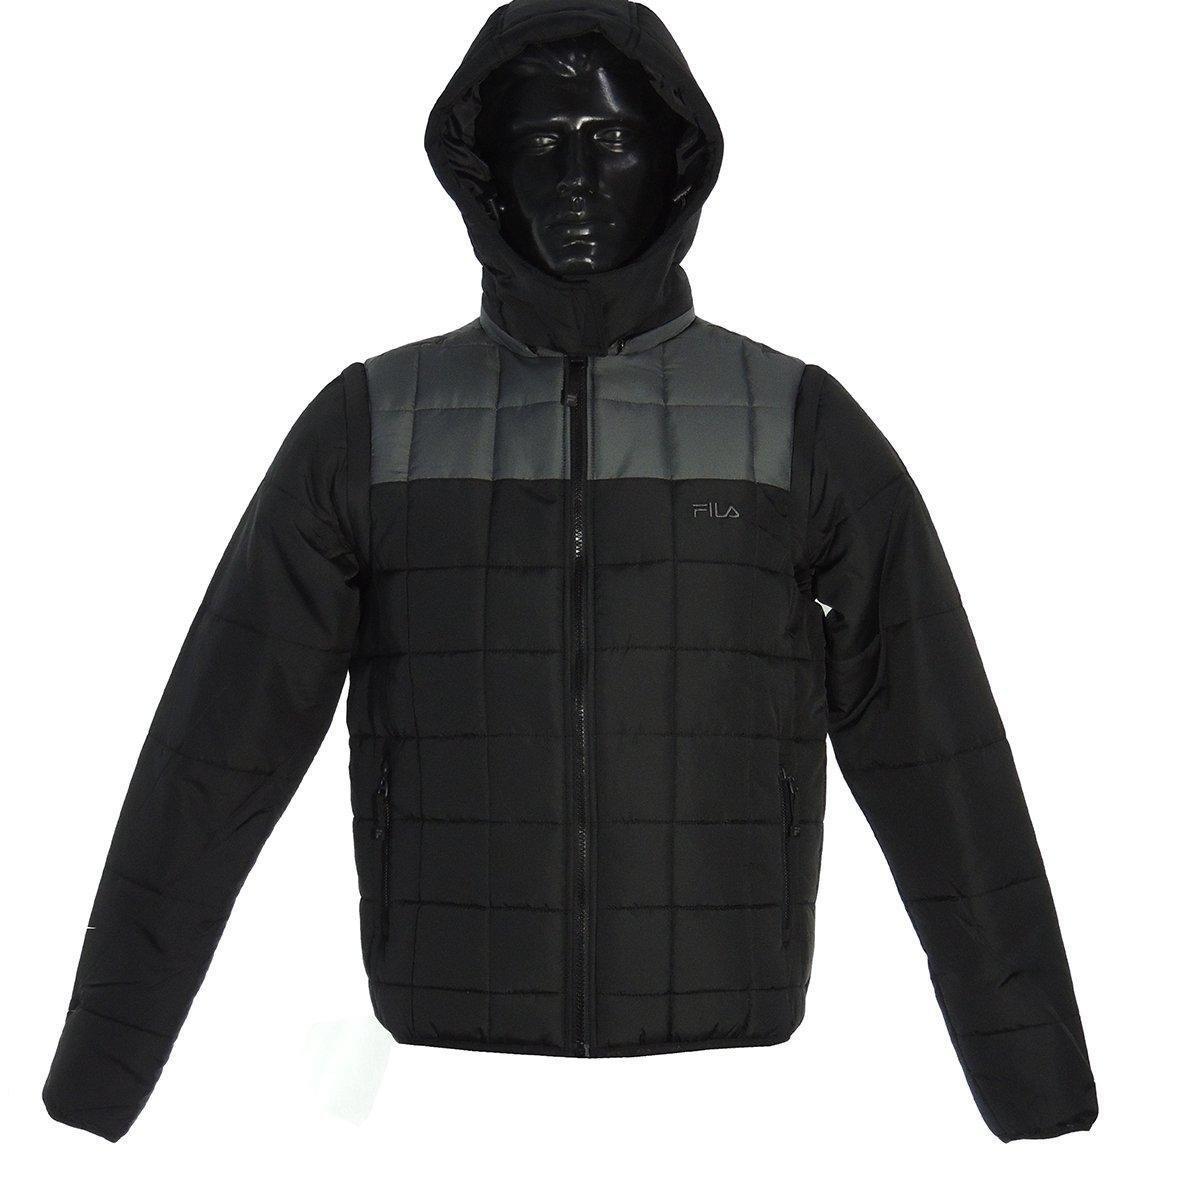 d3d629e2f23d3 Jaqueta Fila Vest - Compre Agora   Zattini